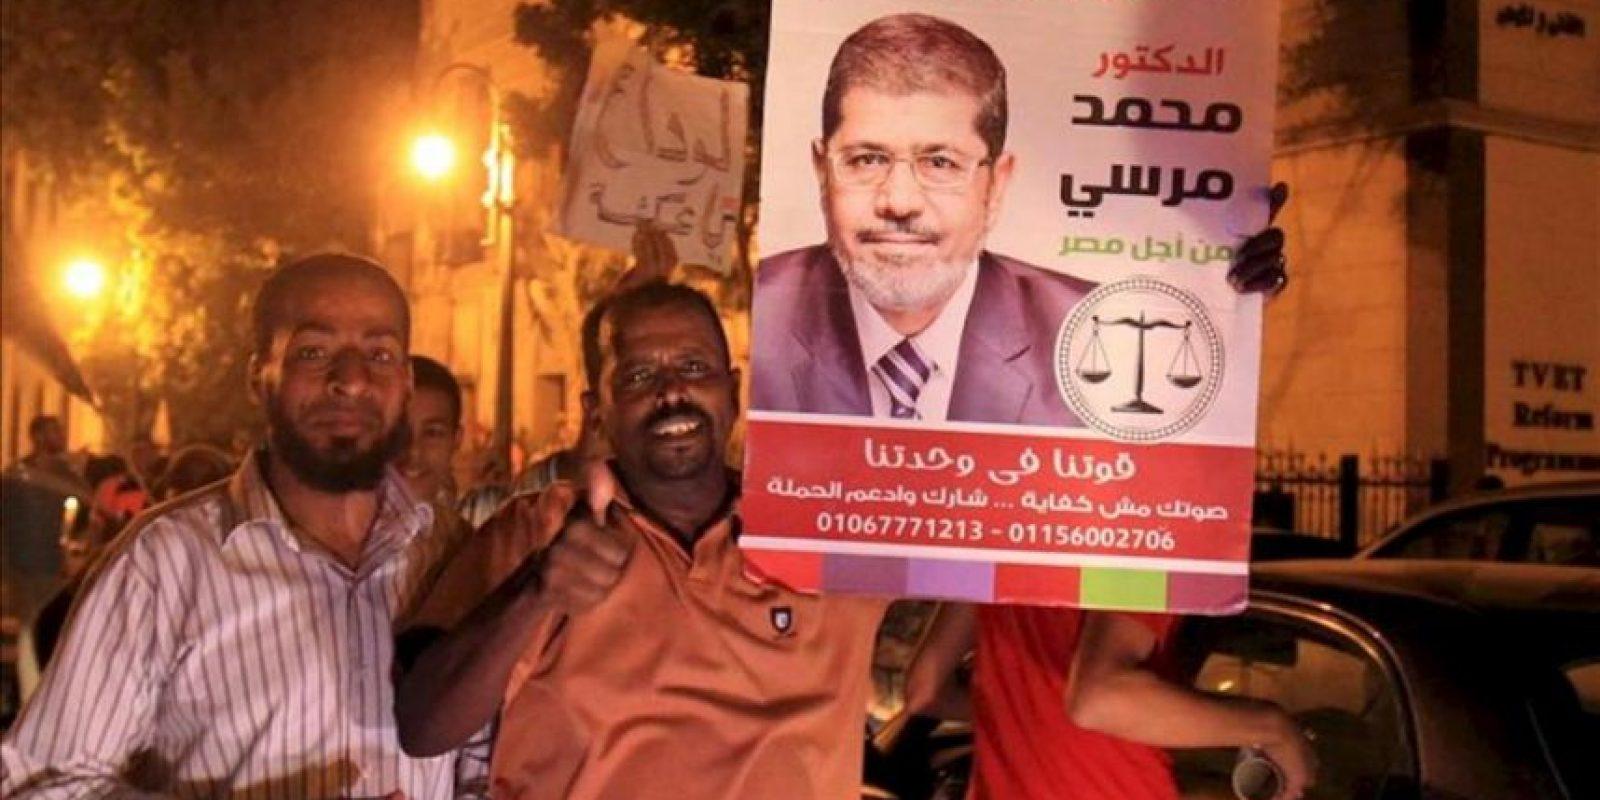 Seguidores del candidato de los Hermanos Musulmanes, Mohamed Mursi, celebran su victoria en las elecciones presidenciales en Egipto, celebradas ayer domingo 24 de junio. EFE